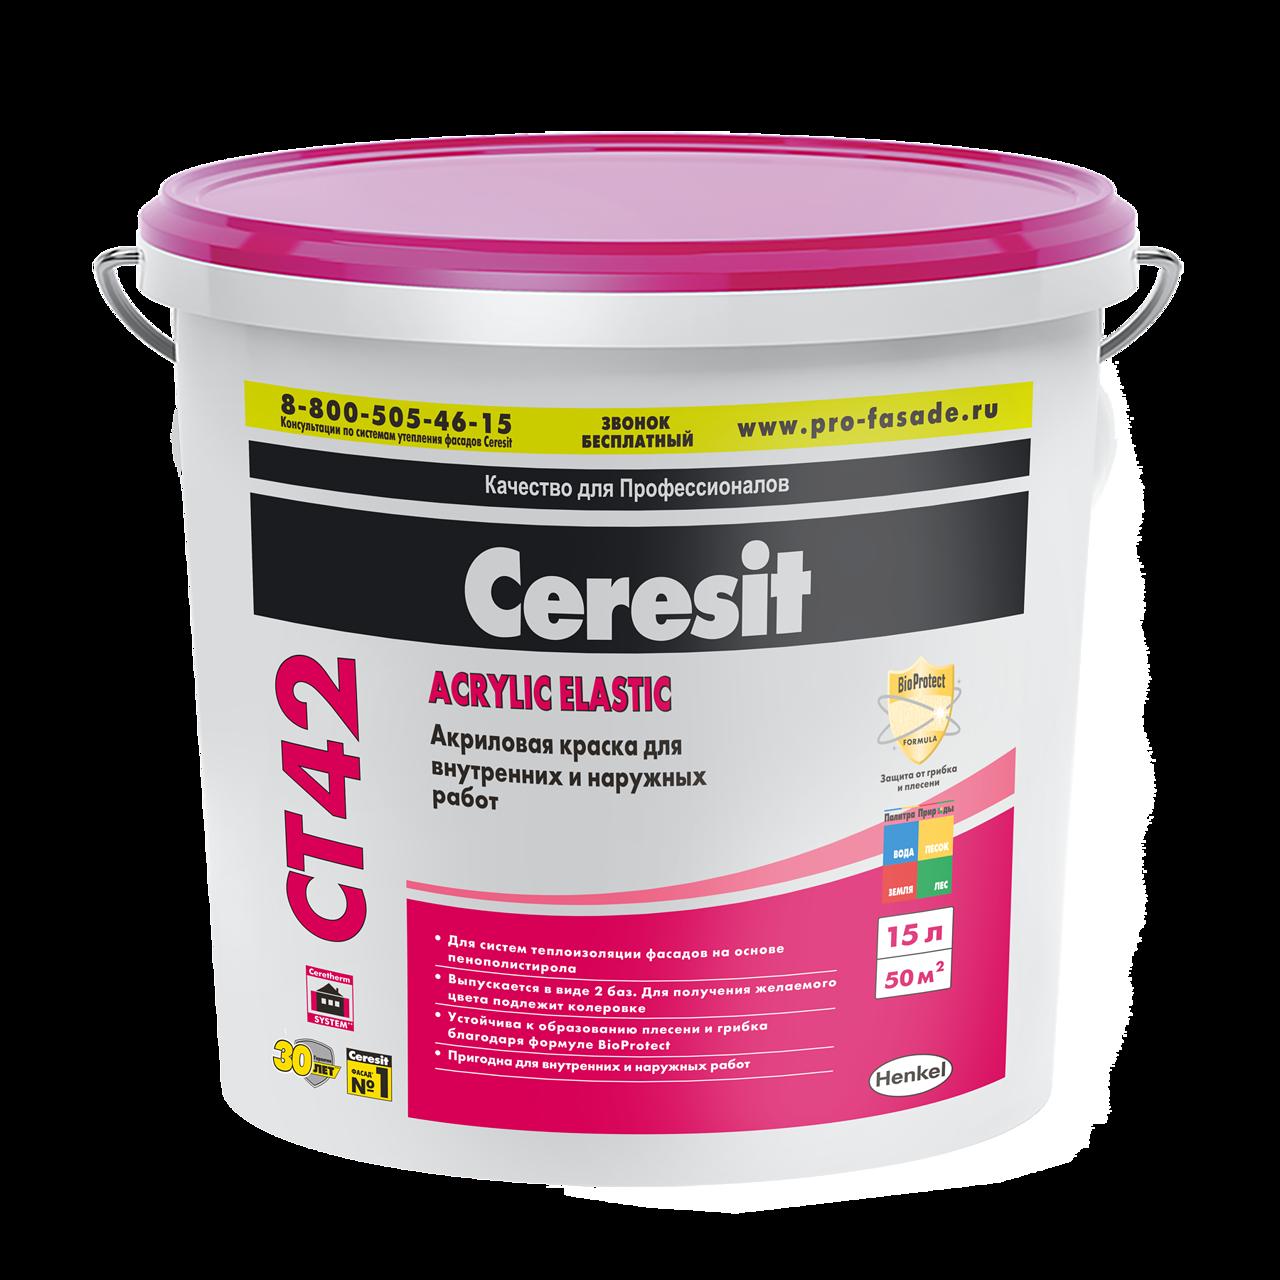 Ceresit CT 42. Акриловая краска для наружных и внутренних работ, 15 л